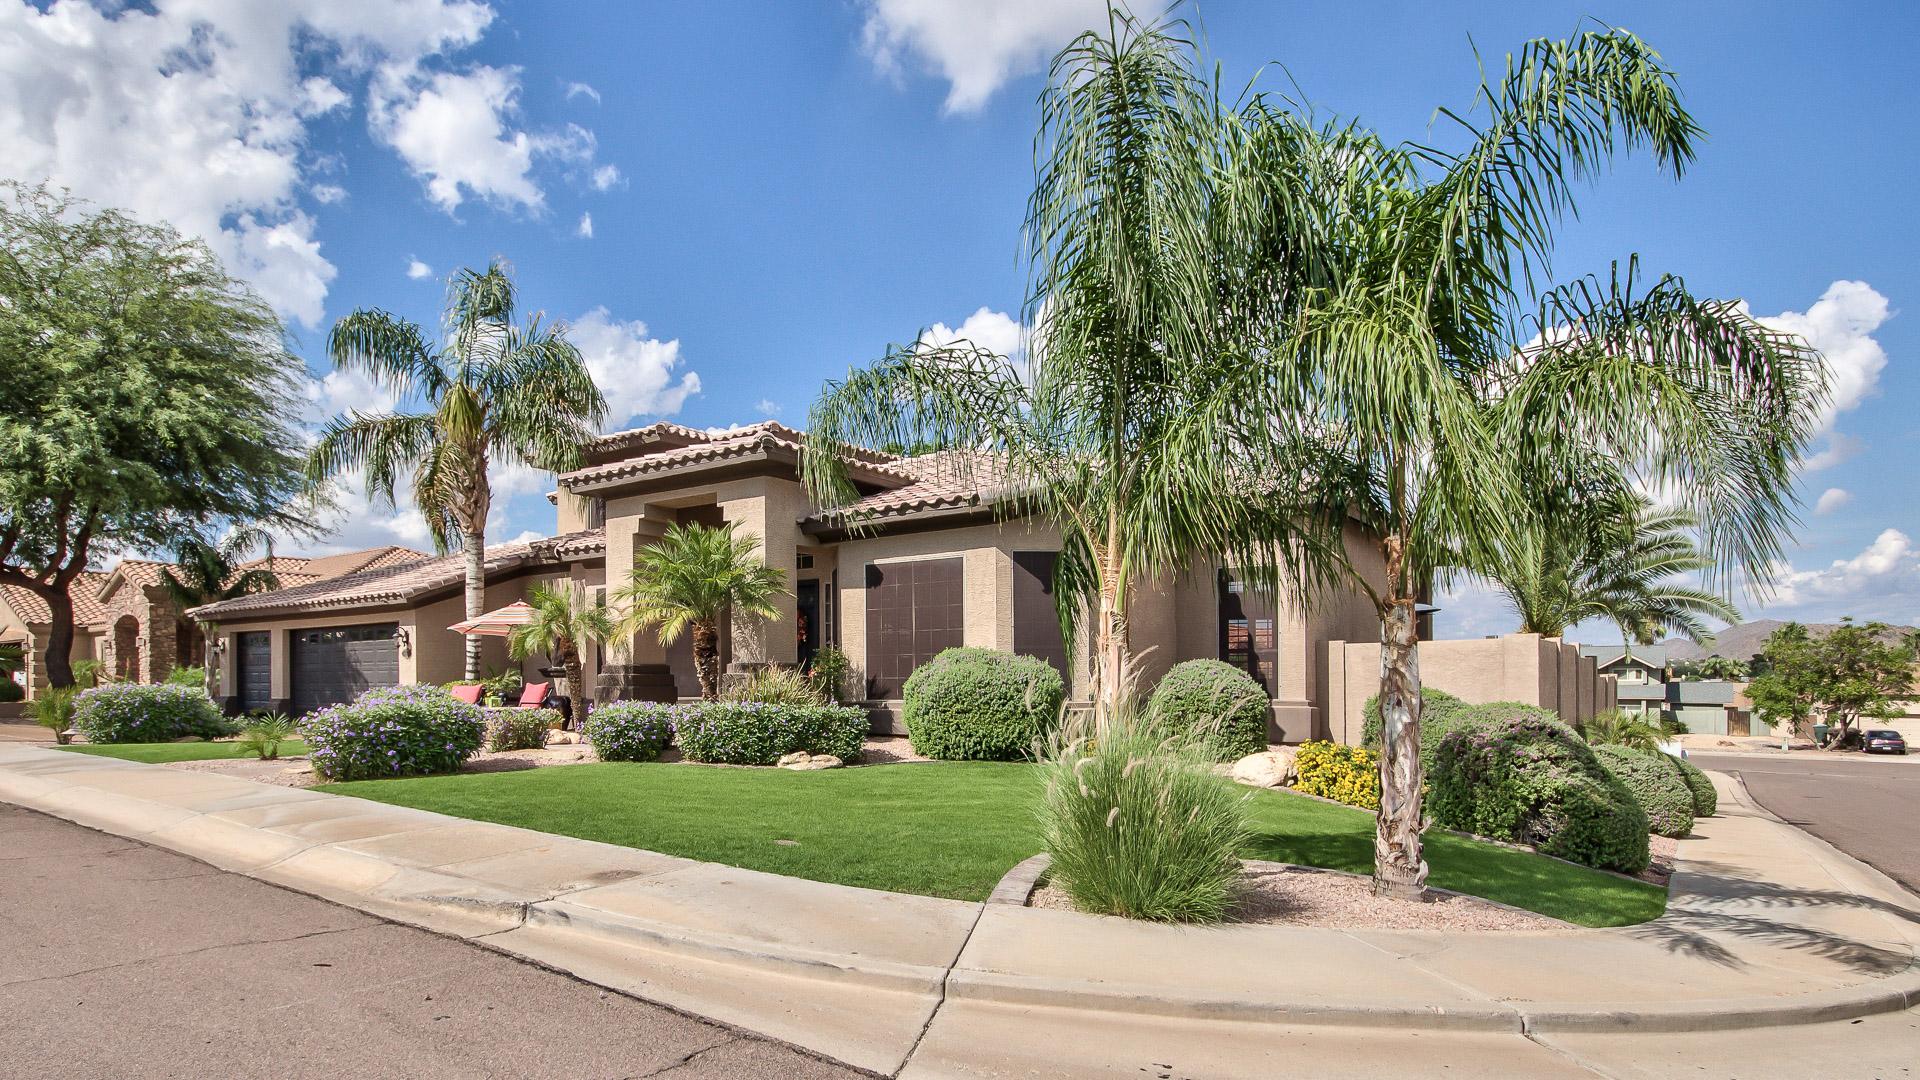 1636 E Le Marche Ave, Phoenix, Arizona 85022